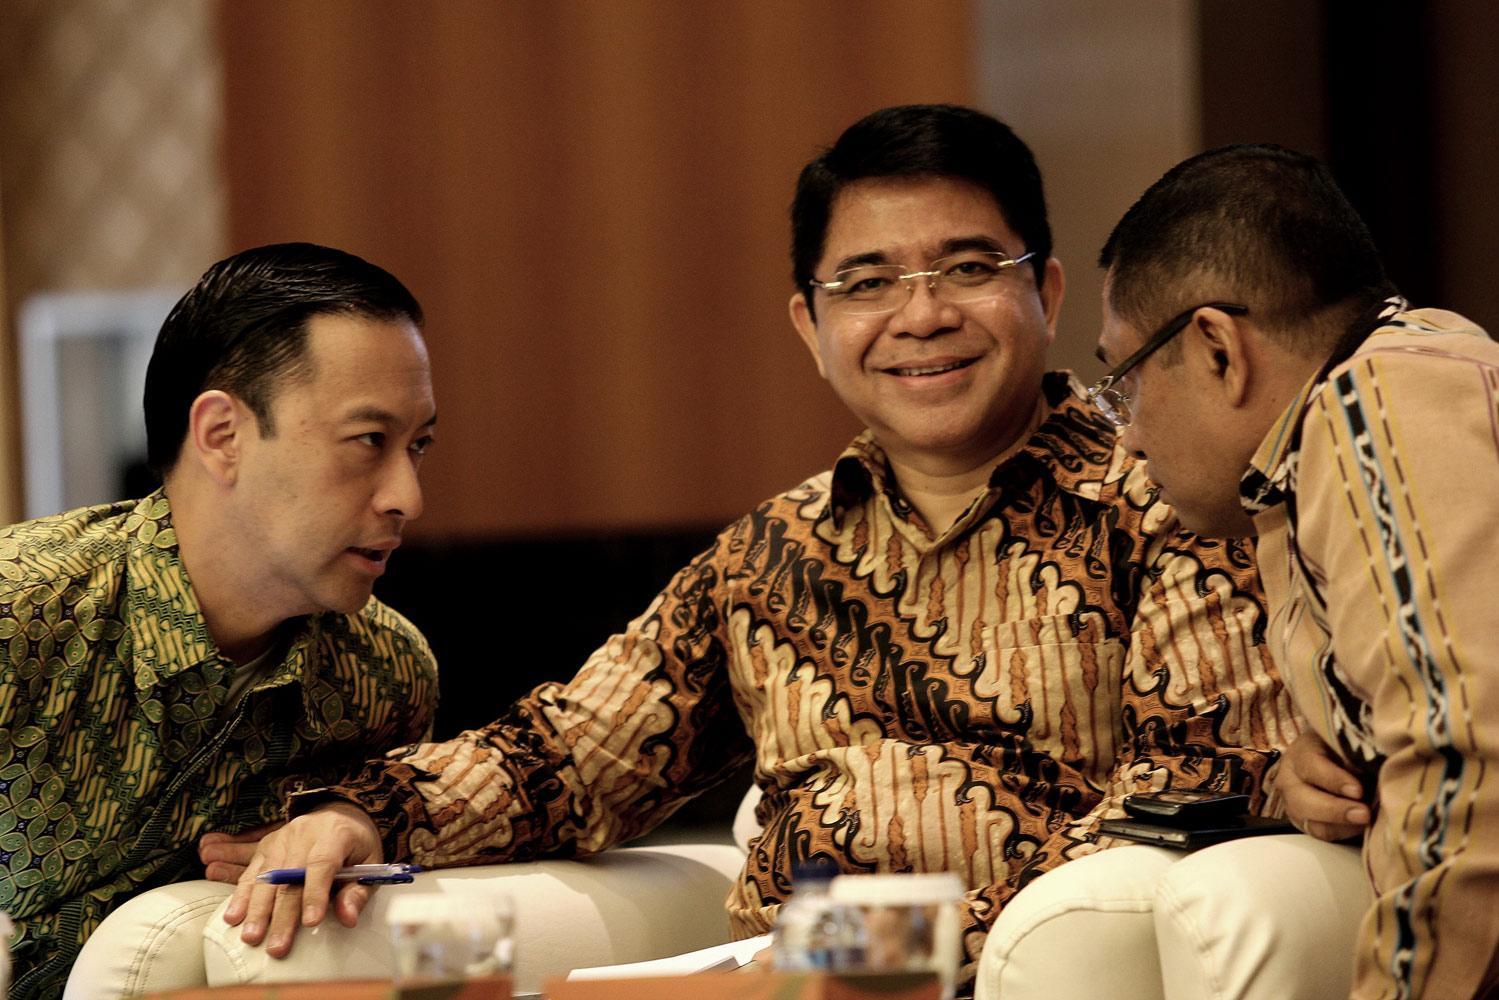 (Ki-ka) Menteri Perdagangan, Tom Lembong, Kepala BKPM, Franky Sibarani dan Menteri Perindustrian, Saleh Husin saat melakukan sosisalisasi dan tanya jawab dengan pengusaha tekstil dan sepatu soal desk investasi khusus di Jakarta, Jumat, (09/10).